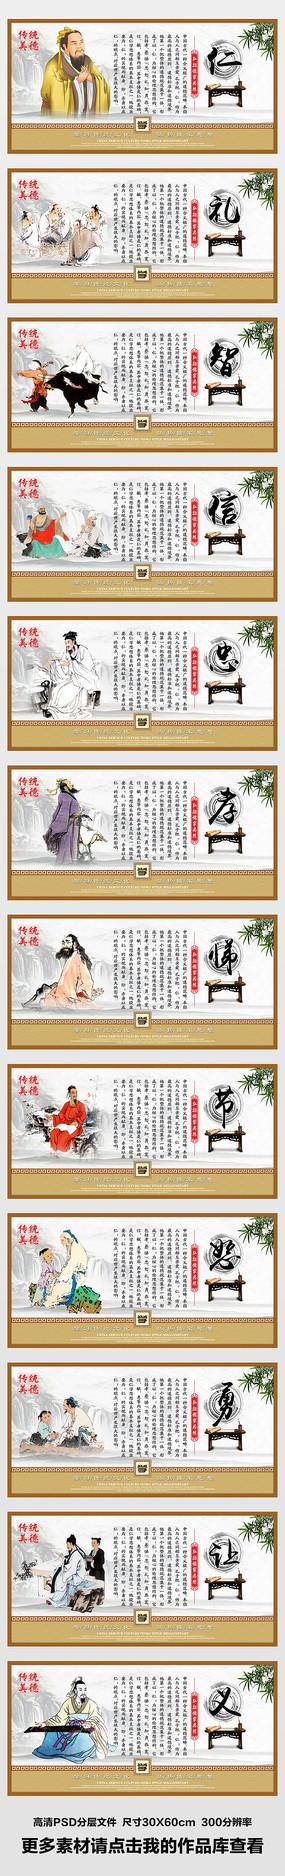 整套中华传统美德文化展板挂画 PSD